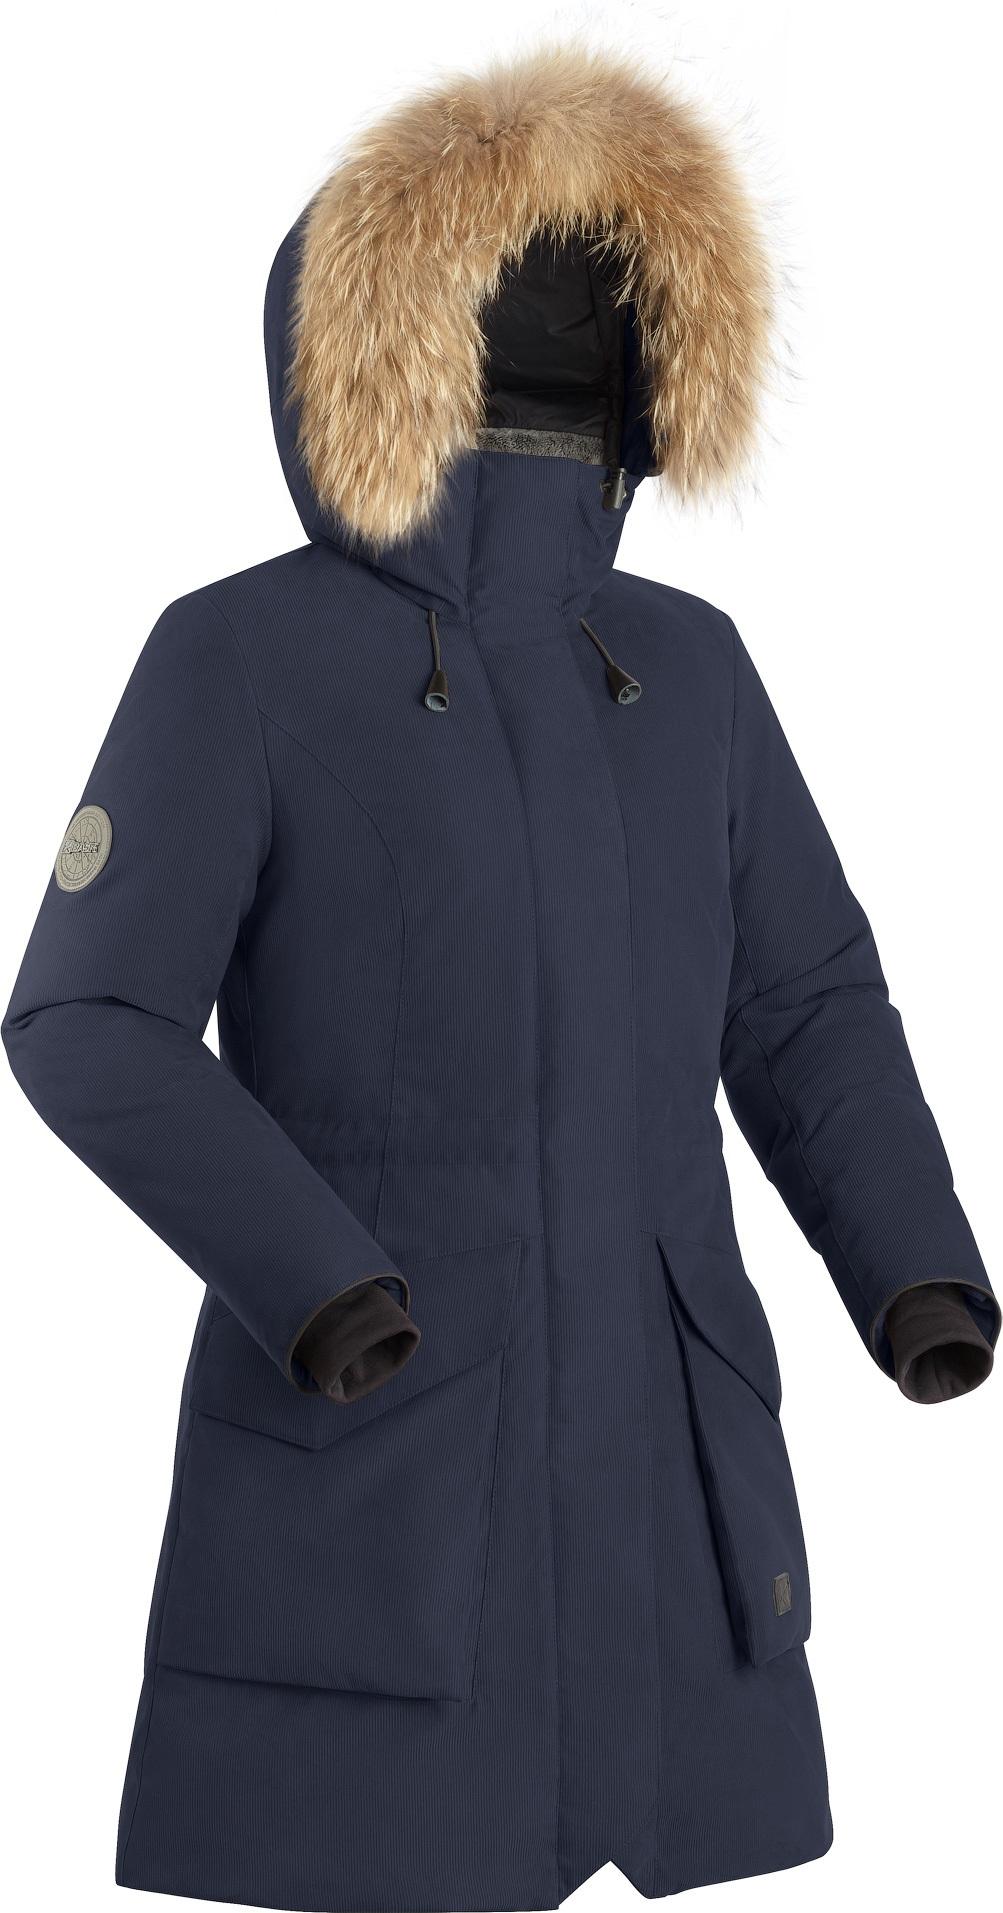 Пальто пуховое женское BASK VISHER темно-синие, Пальто - арт. 1132500409